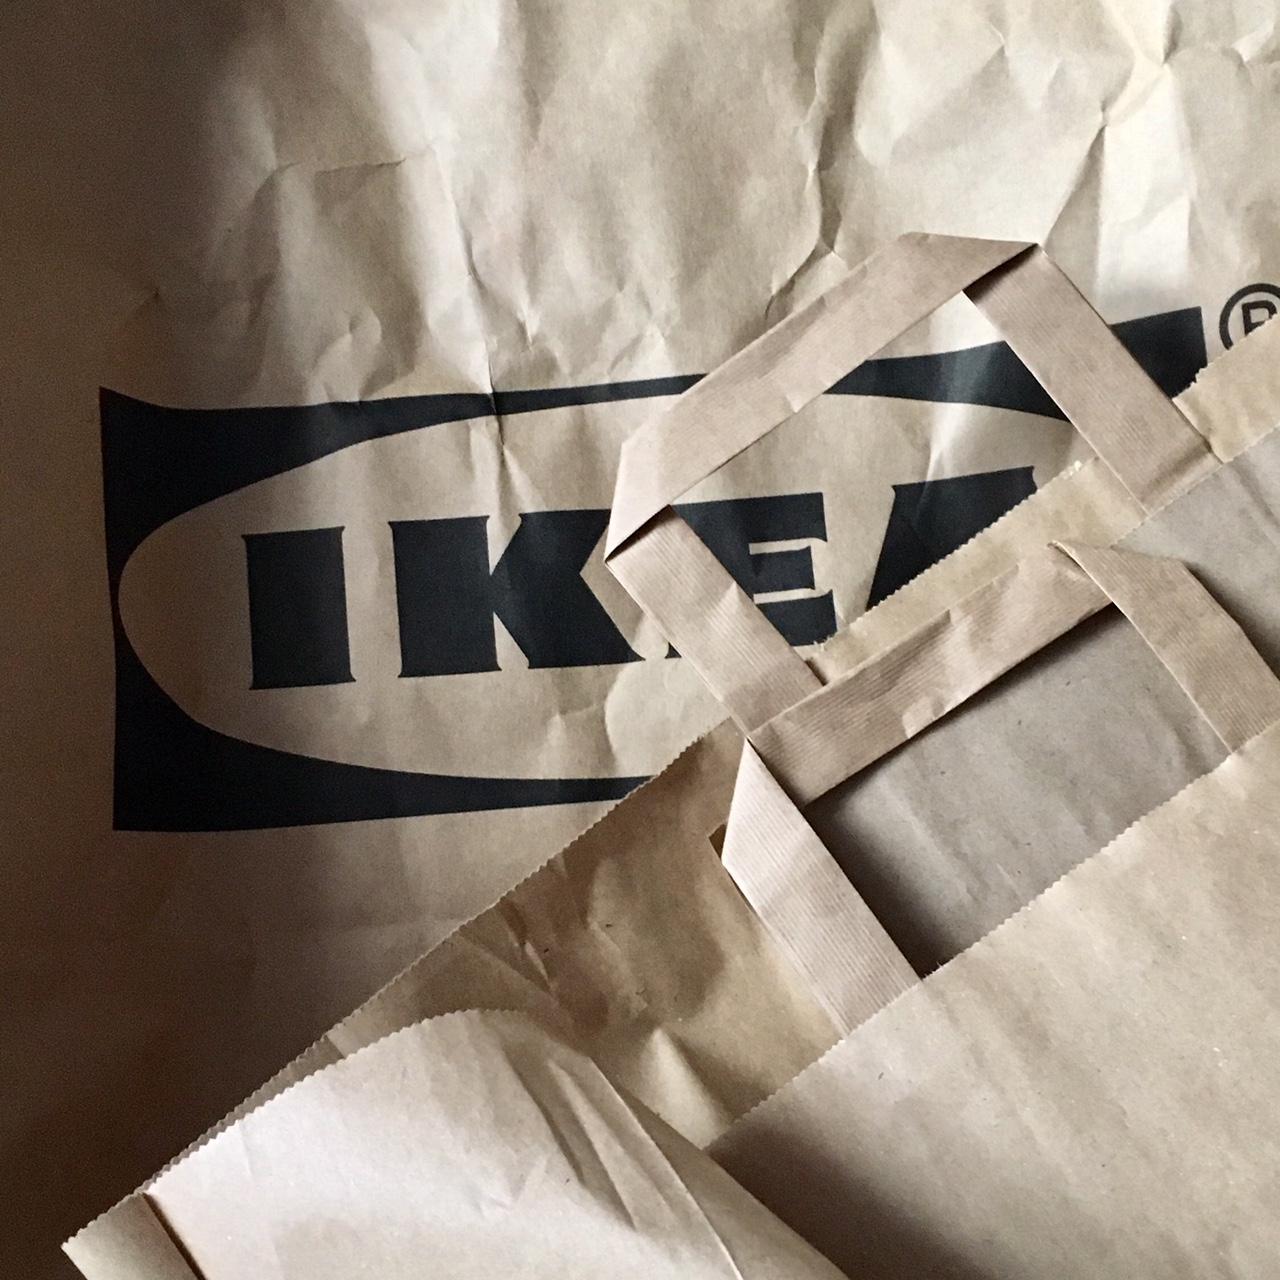 торби от ИКЕА